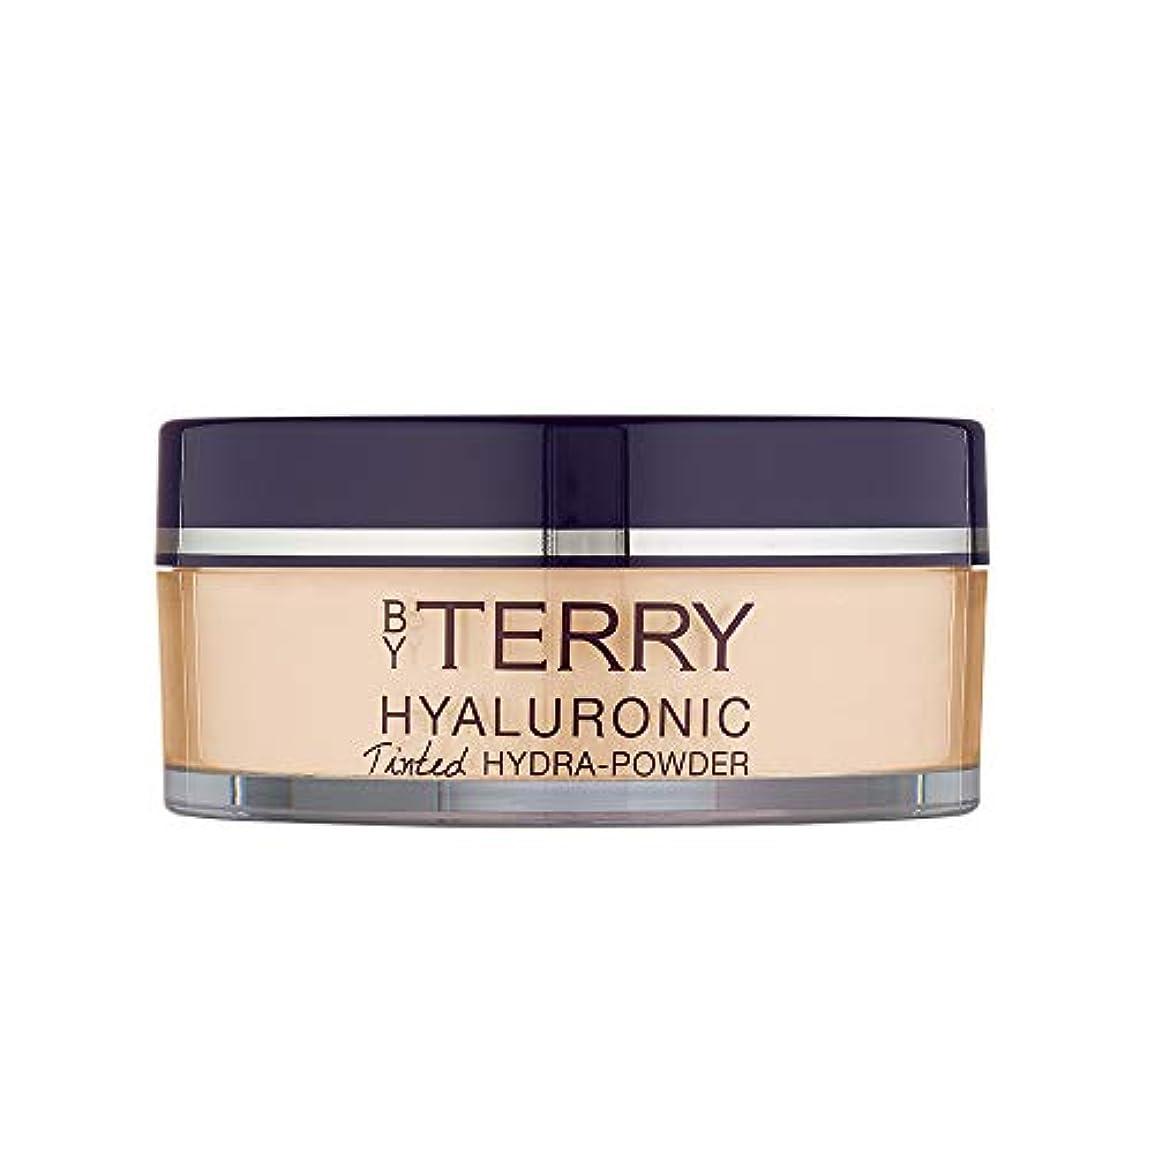 クアッガ達成するマーキングバイテリー Hyaluronic Tinted Hydra Care Setting Powder - # 100 Fair 10g/0.35oz並行輸入品